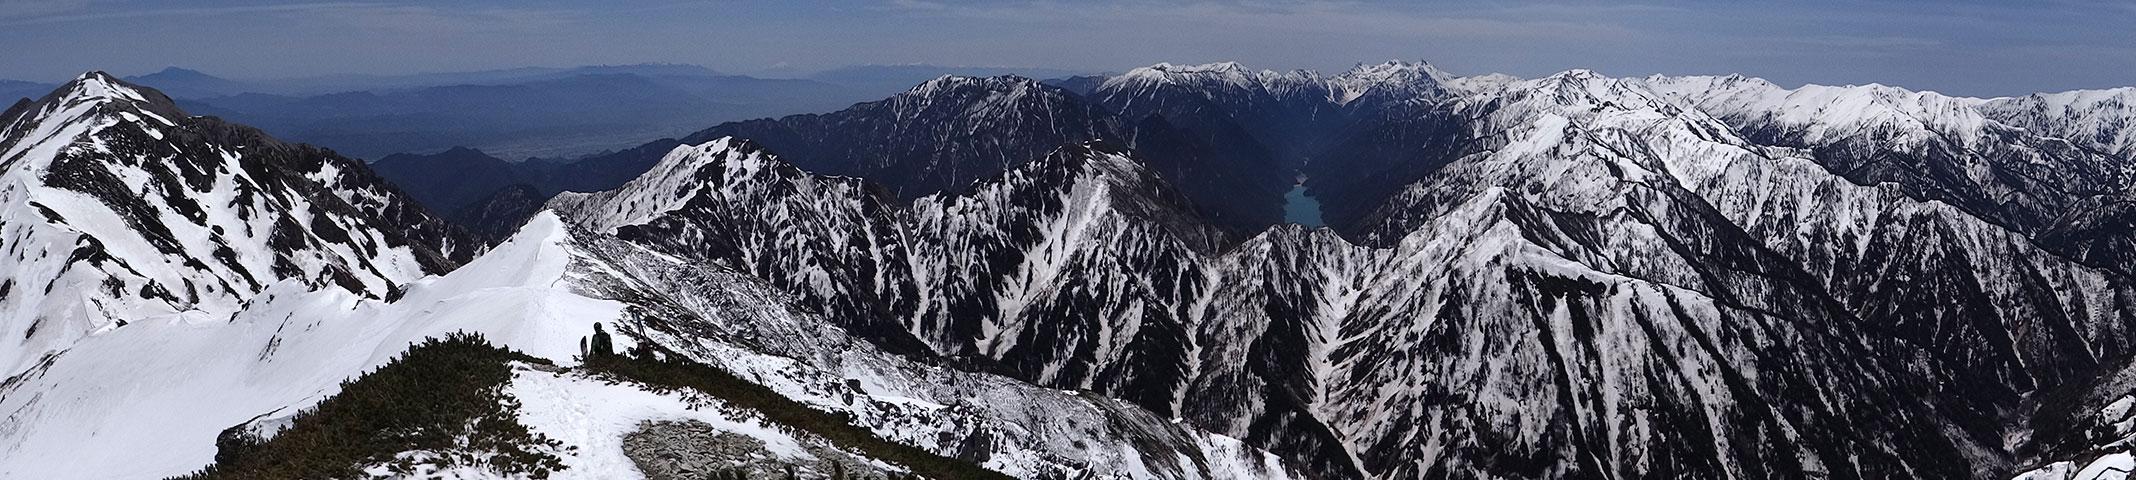 針ノ木岳山頂から、表銀座、槍穂高のパノラマ